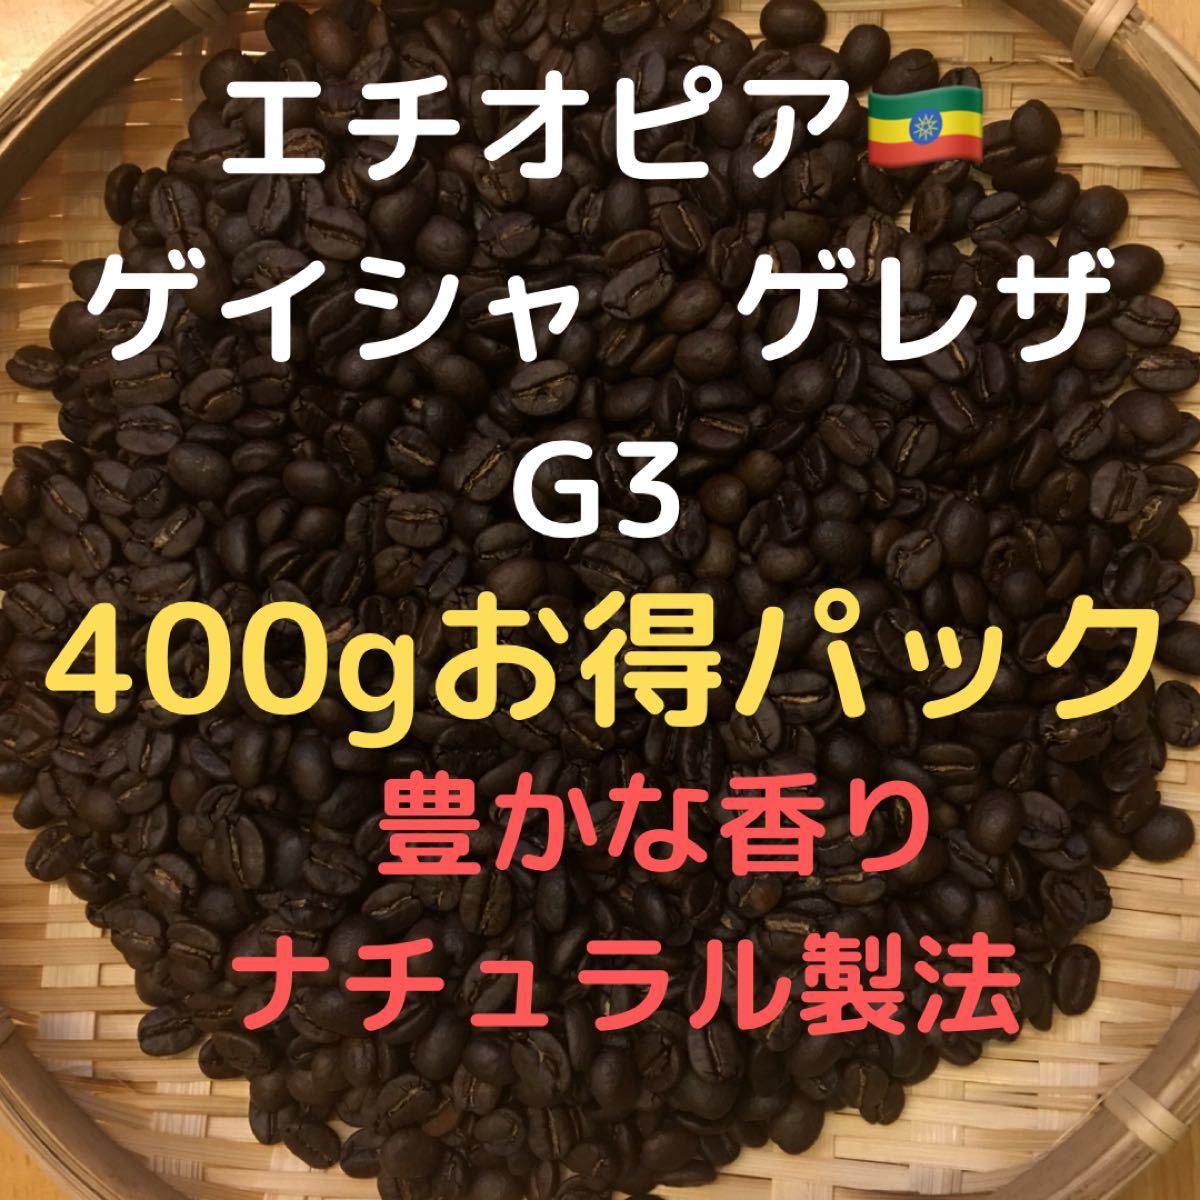 自家焙煎 エチオピア ゲイシャ ゲレザG3 400g(豆又は粉)匿名配送